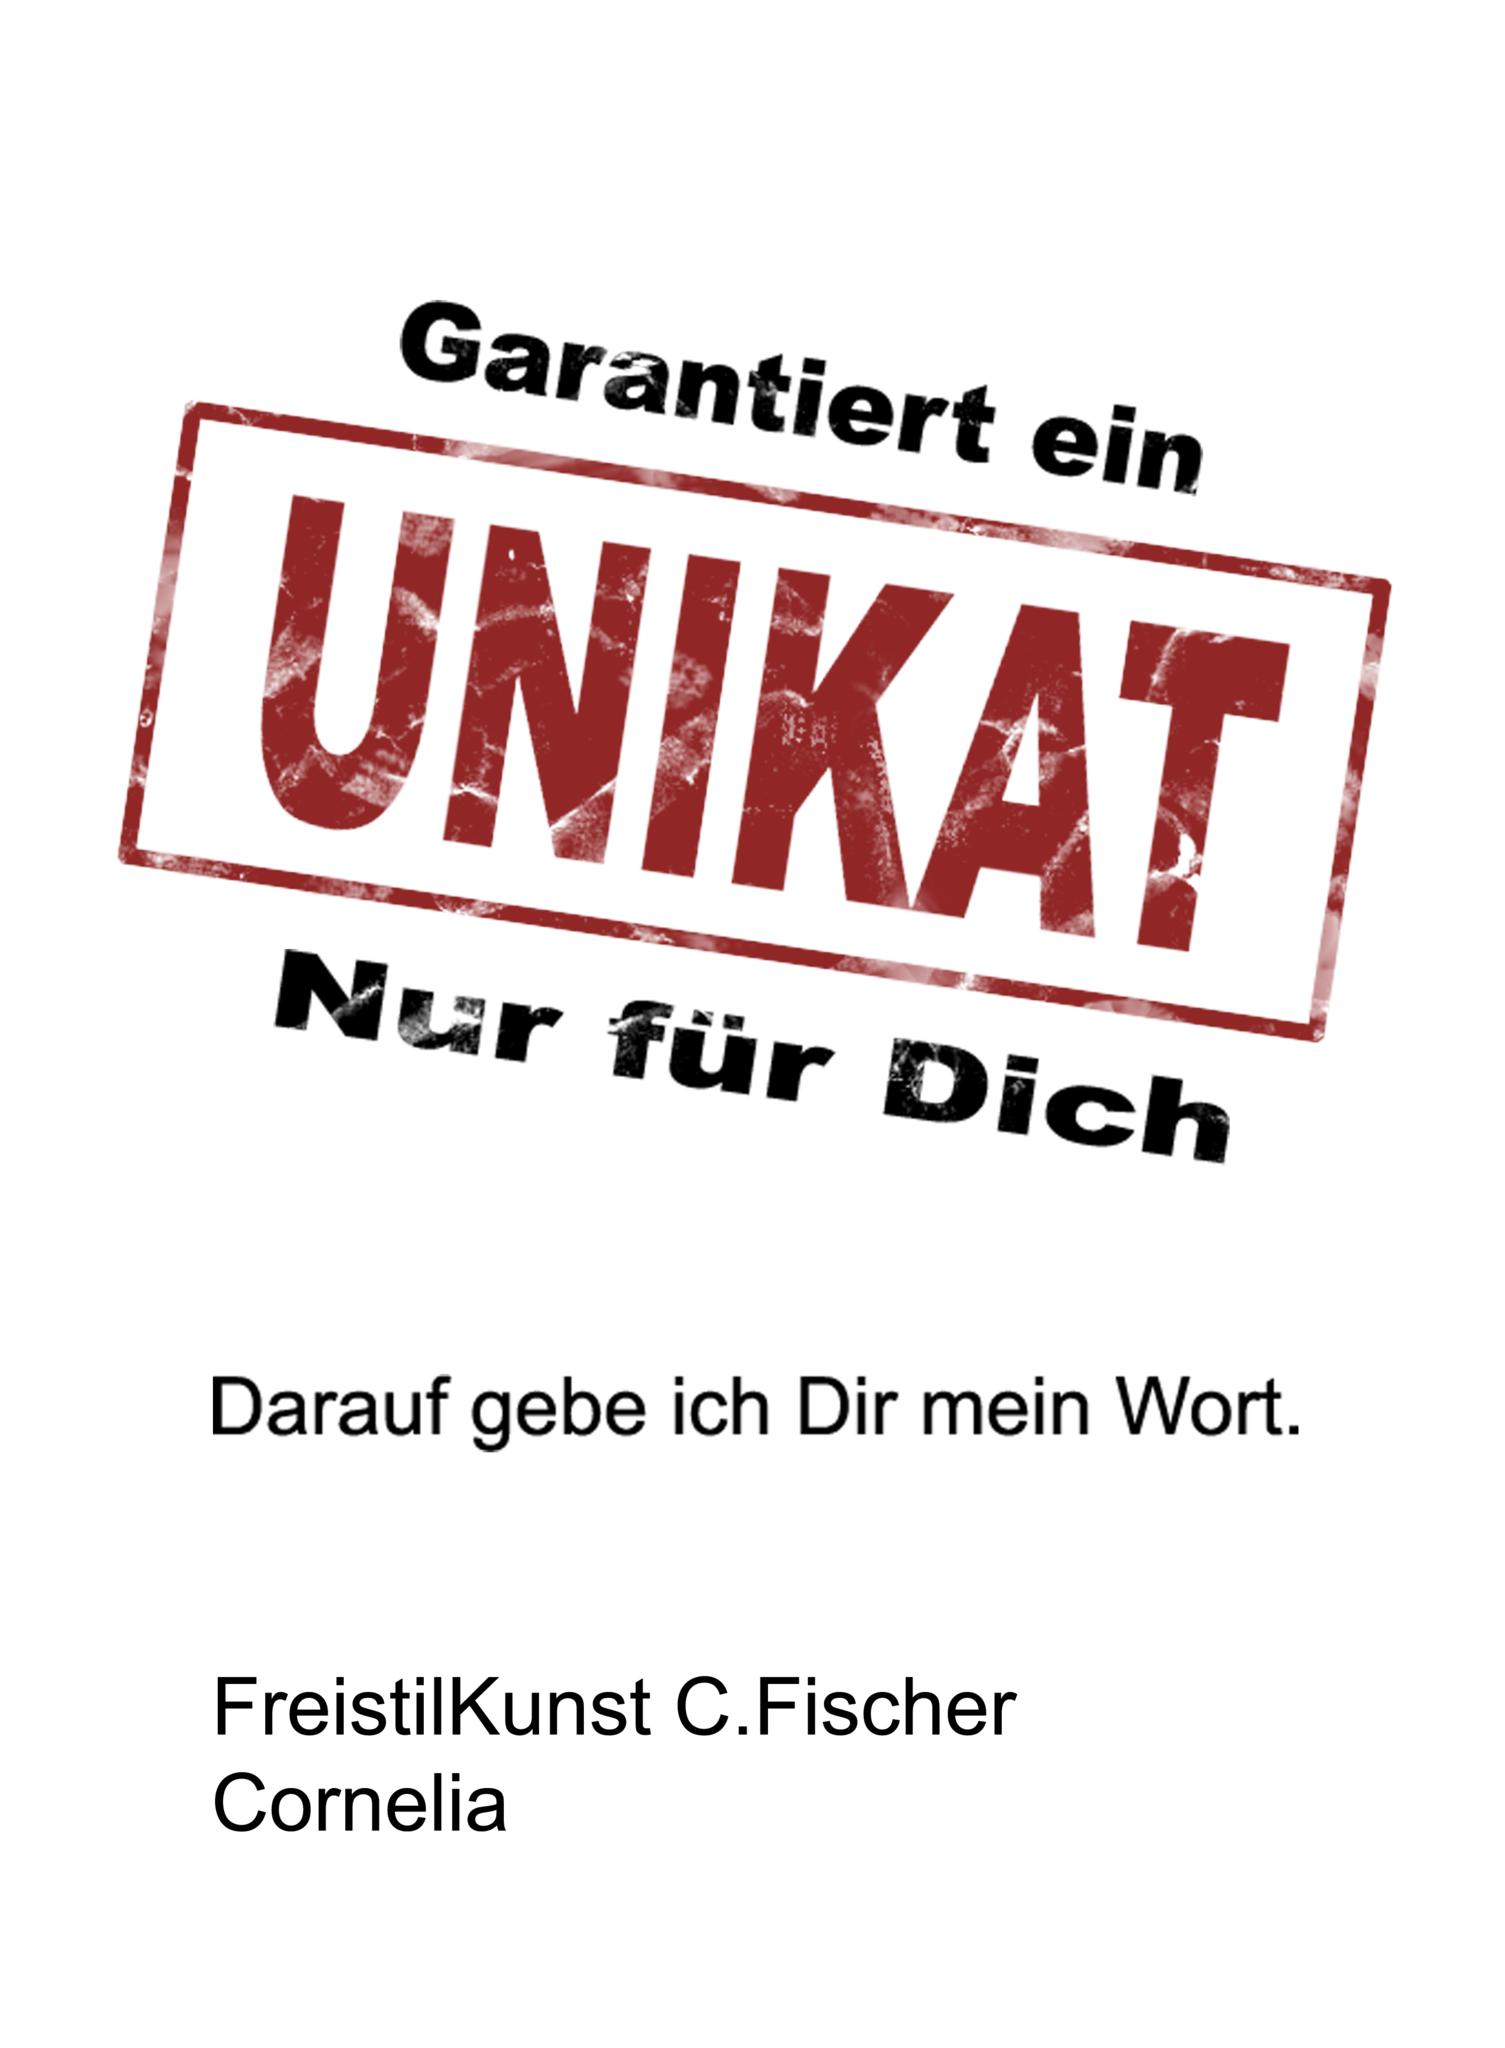 C.Fischer Edle Designer Bomberjacke für Frauen: Zeitgeist